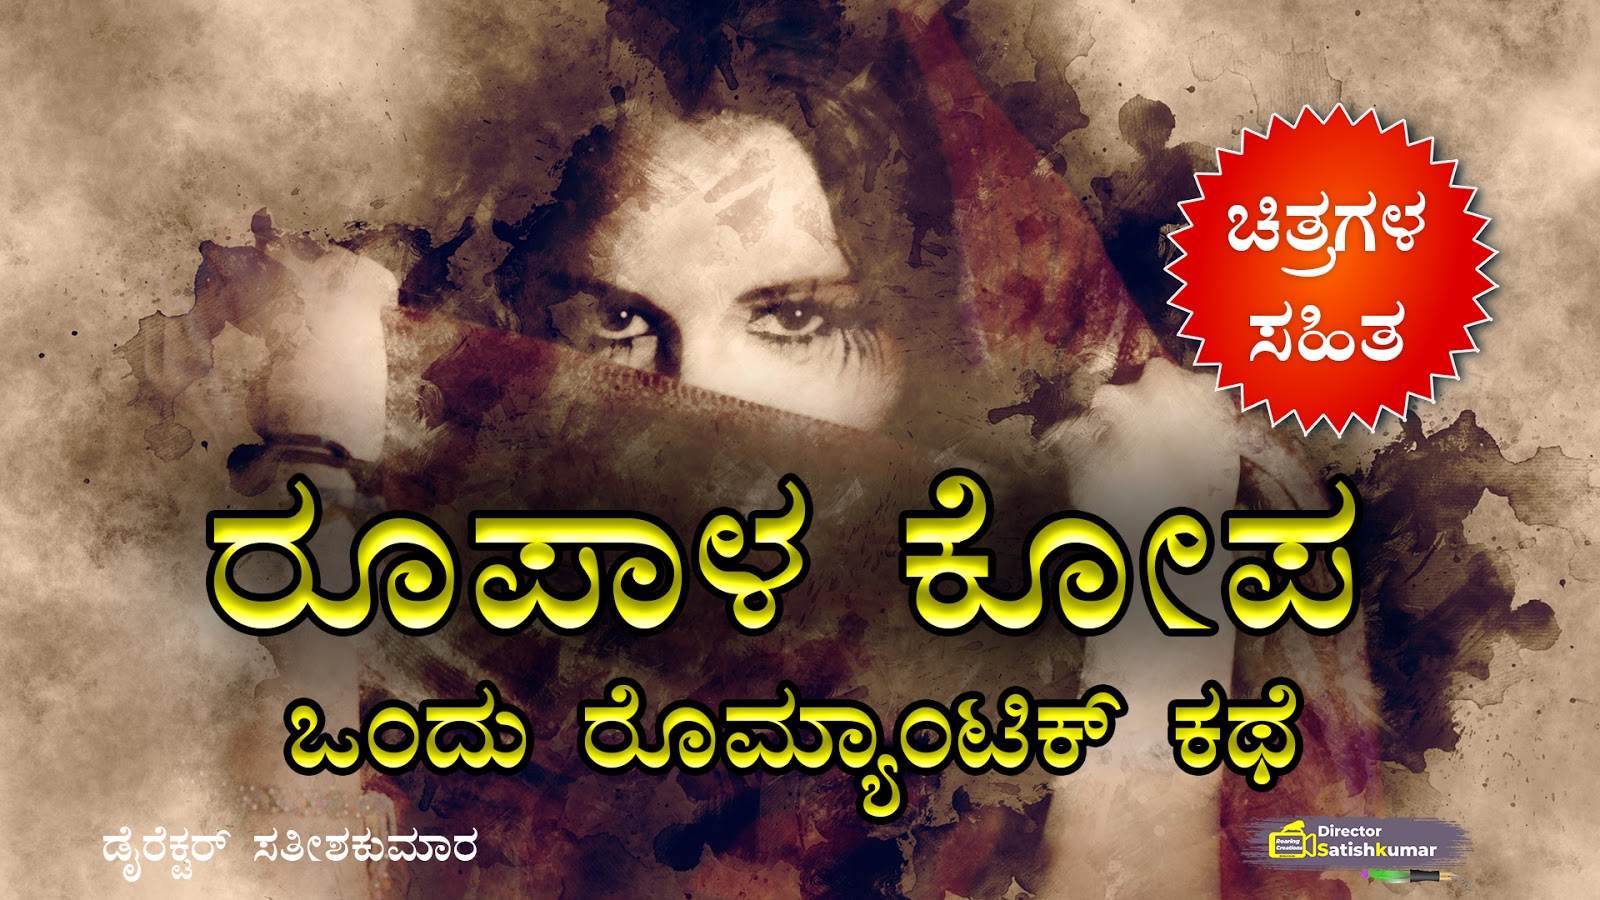 ರೂಪಾಳ ಕೋಪ ; ಒಂದು ರೊಮ್ಯಾಂಟಿಕ್ ಕಥೆ - Kannada Romantic Love Stories